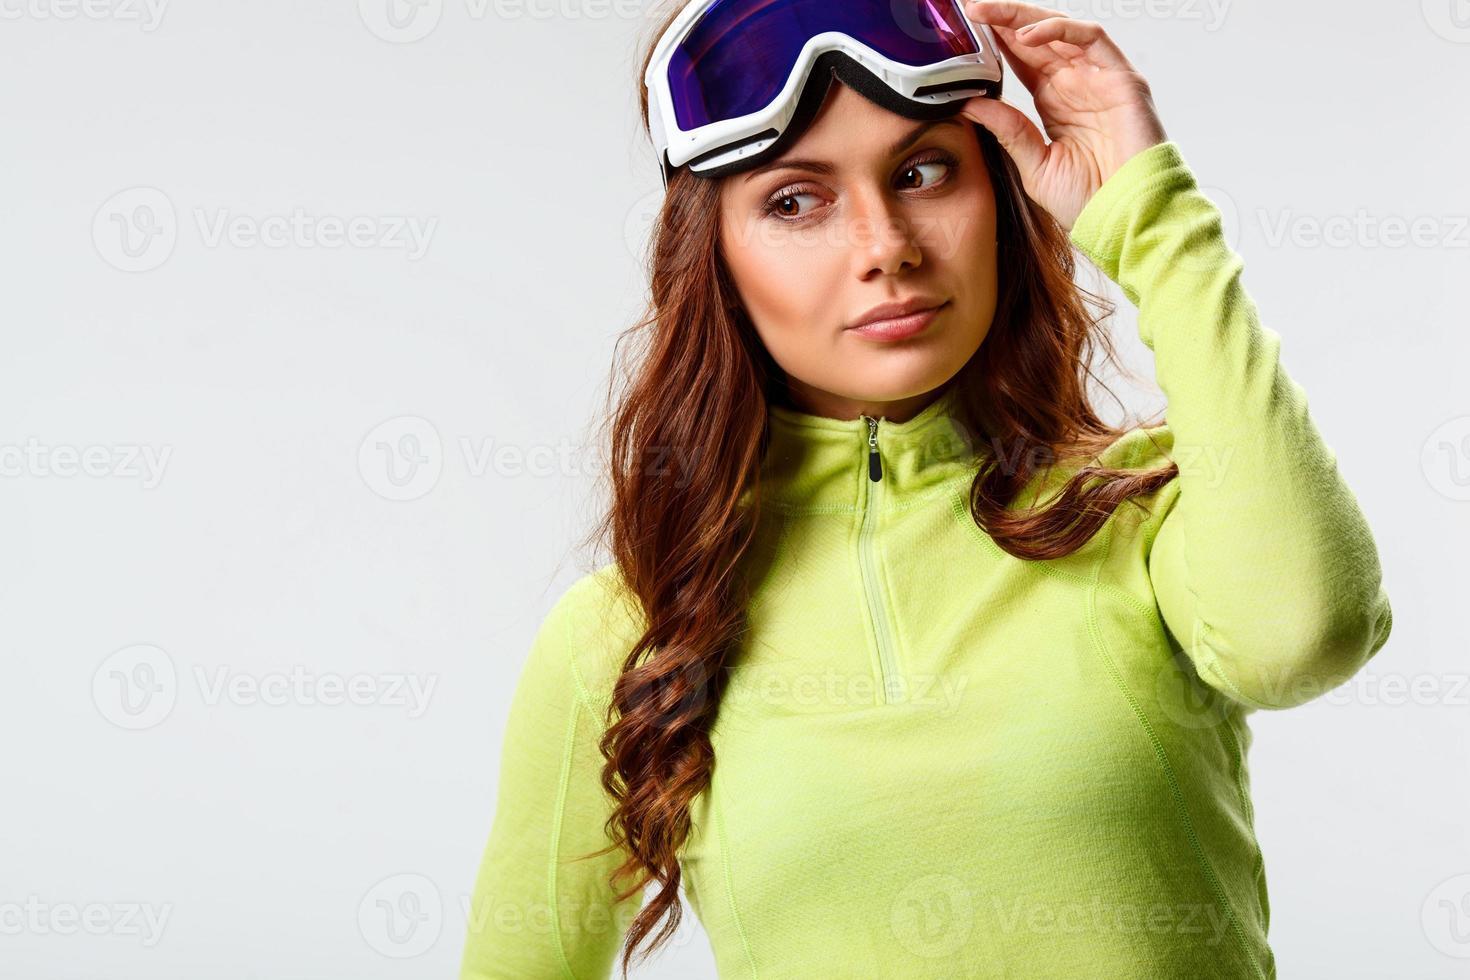 femme portant des lunettes de ski photo